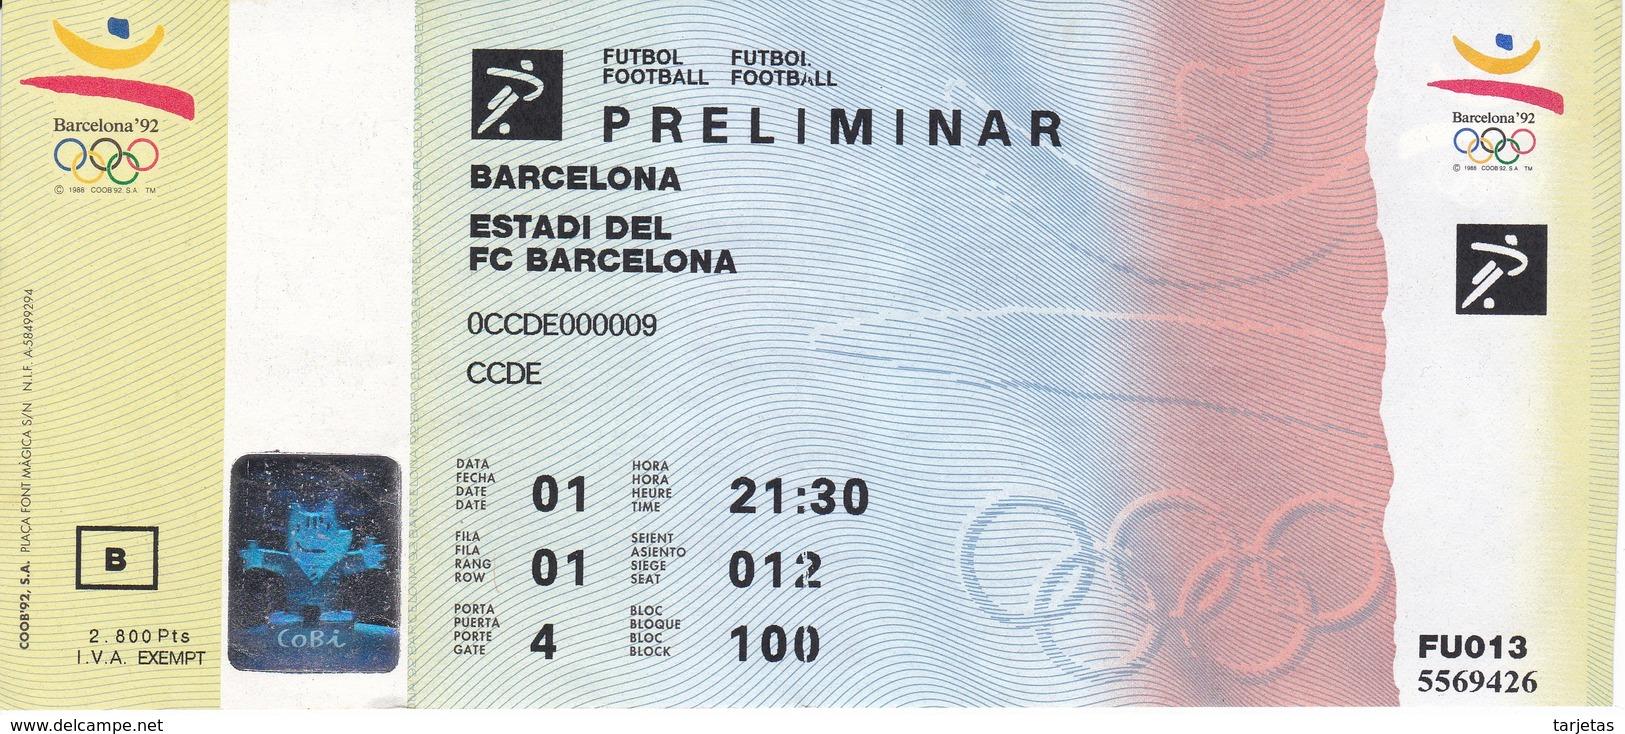 ENTRADA PRELIMINAR DE FUTBOL - OLIMPIADAS DE BARCELONA'92 EN EL ESTADI DEL F.C. BARCELONA (COBI) - Sin Clasificación